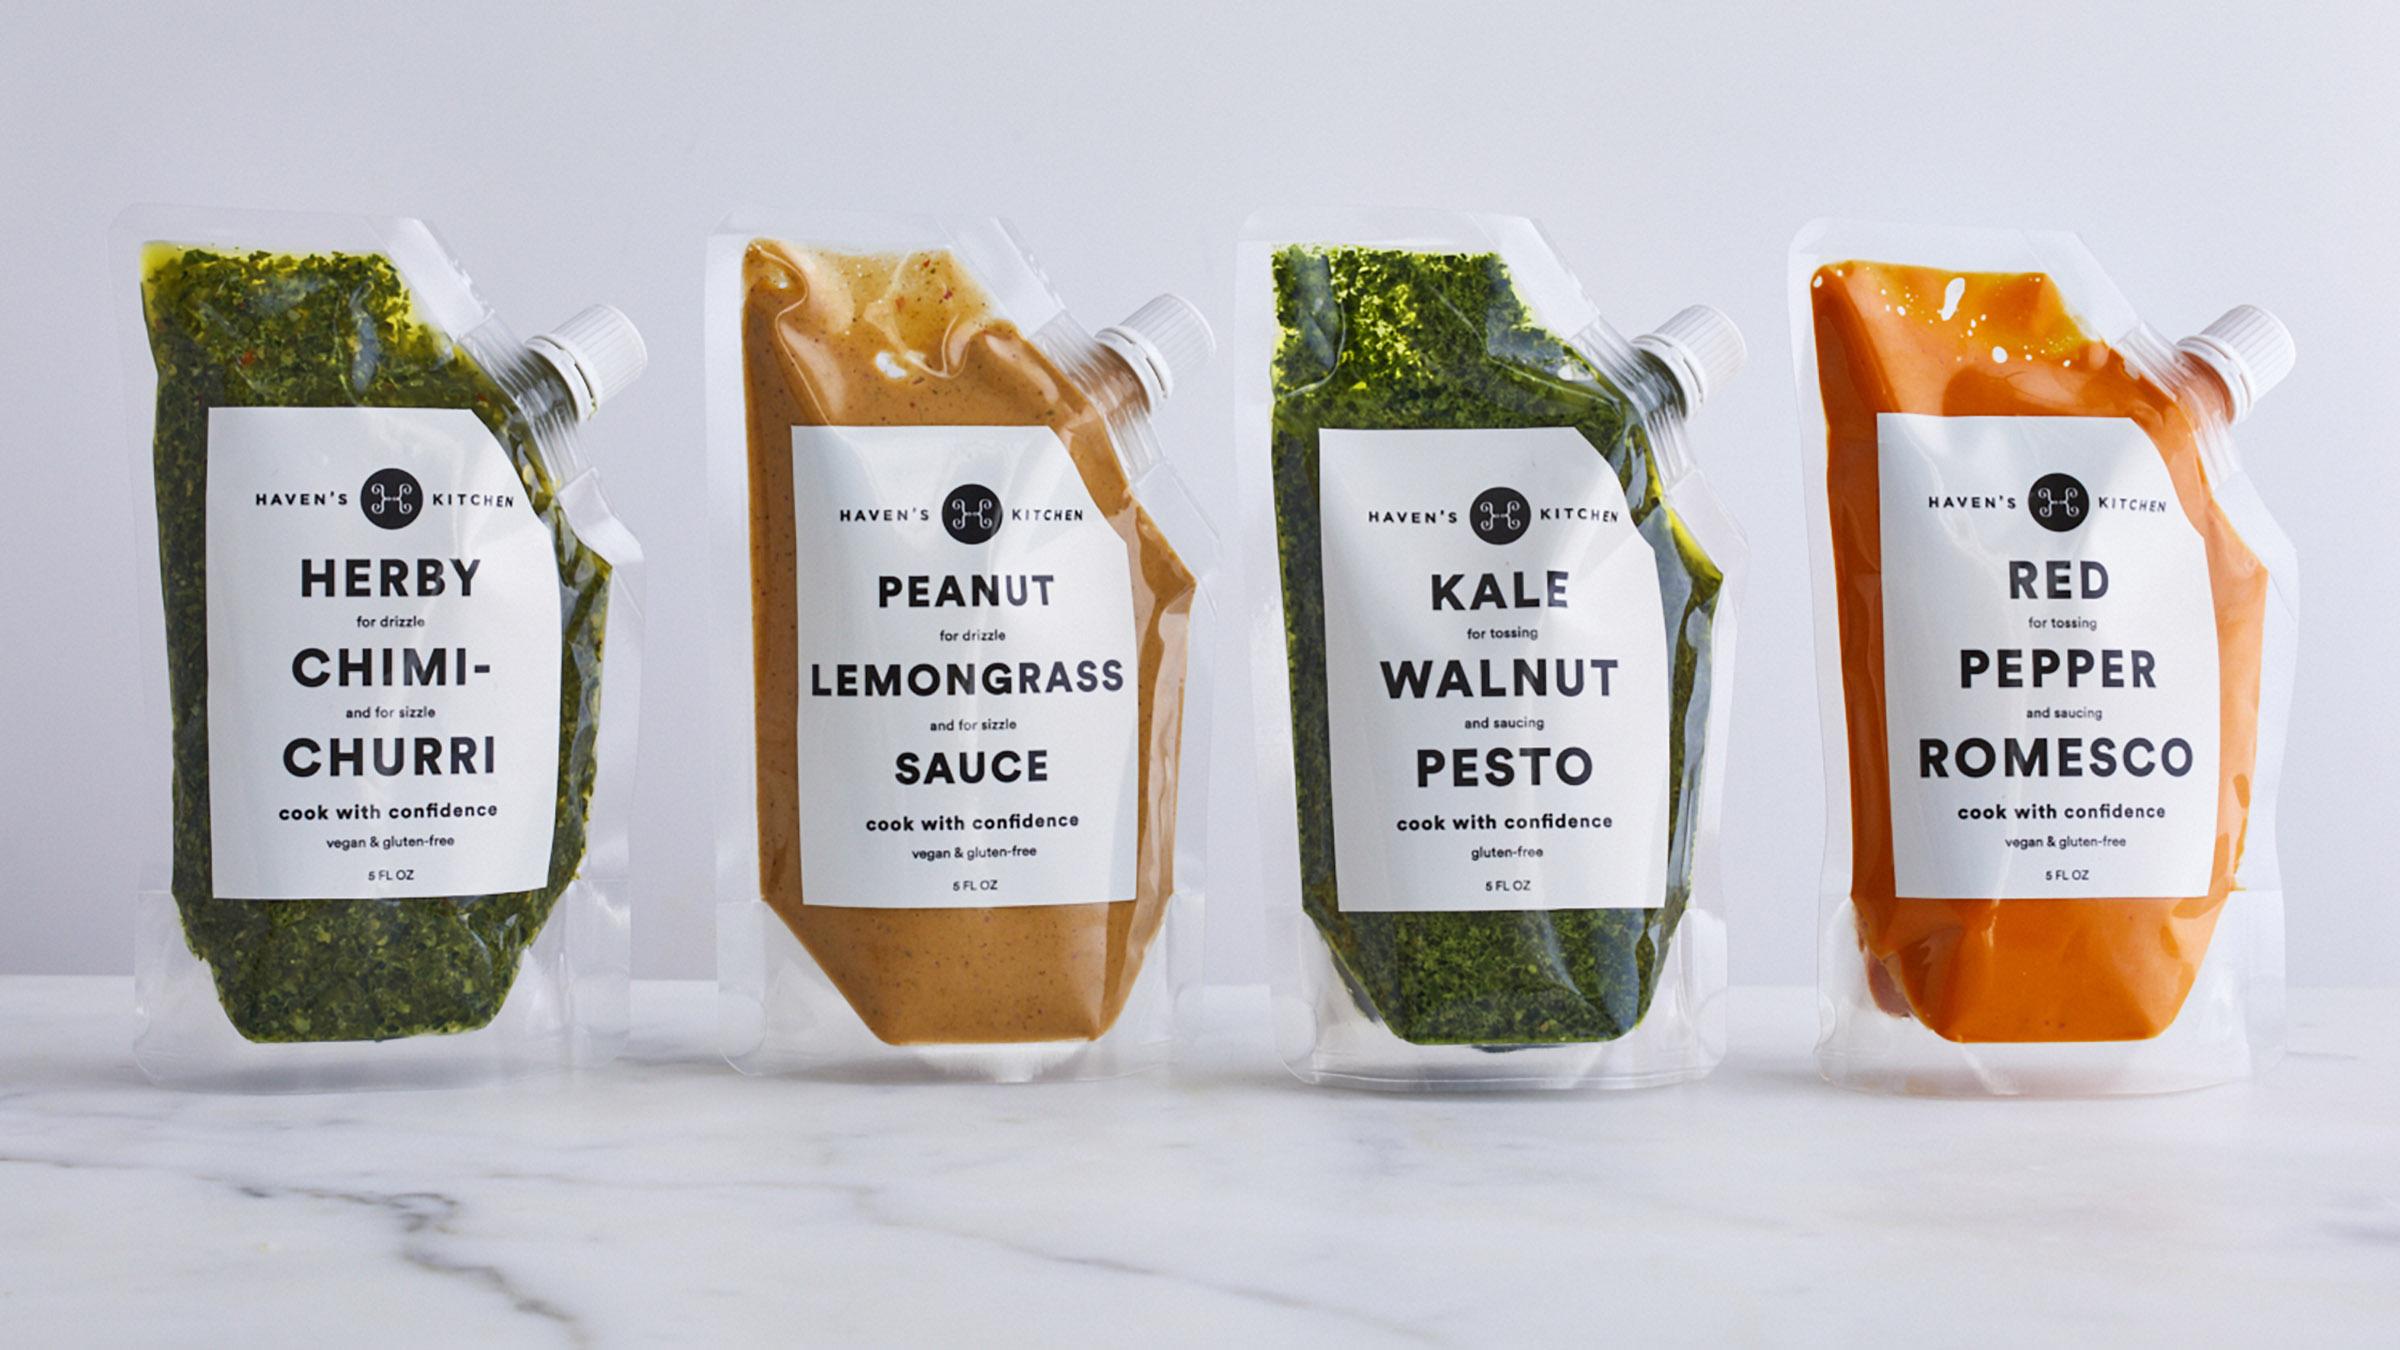 Minimalistiska förpackningar för Haven's Kitchen Sauces. Läs mer  här